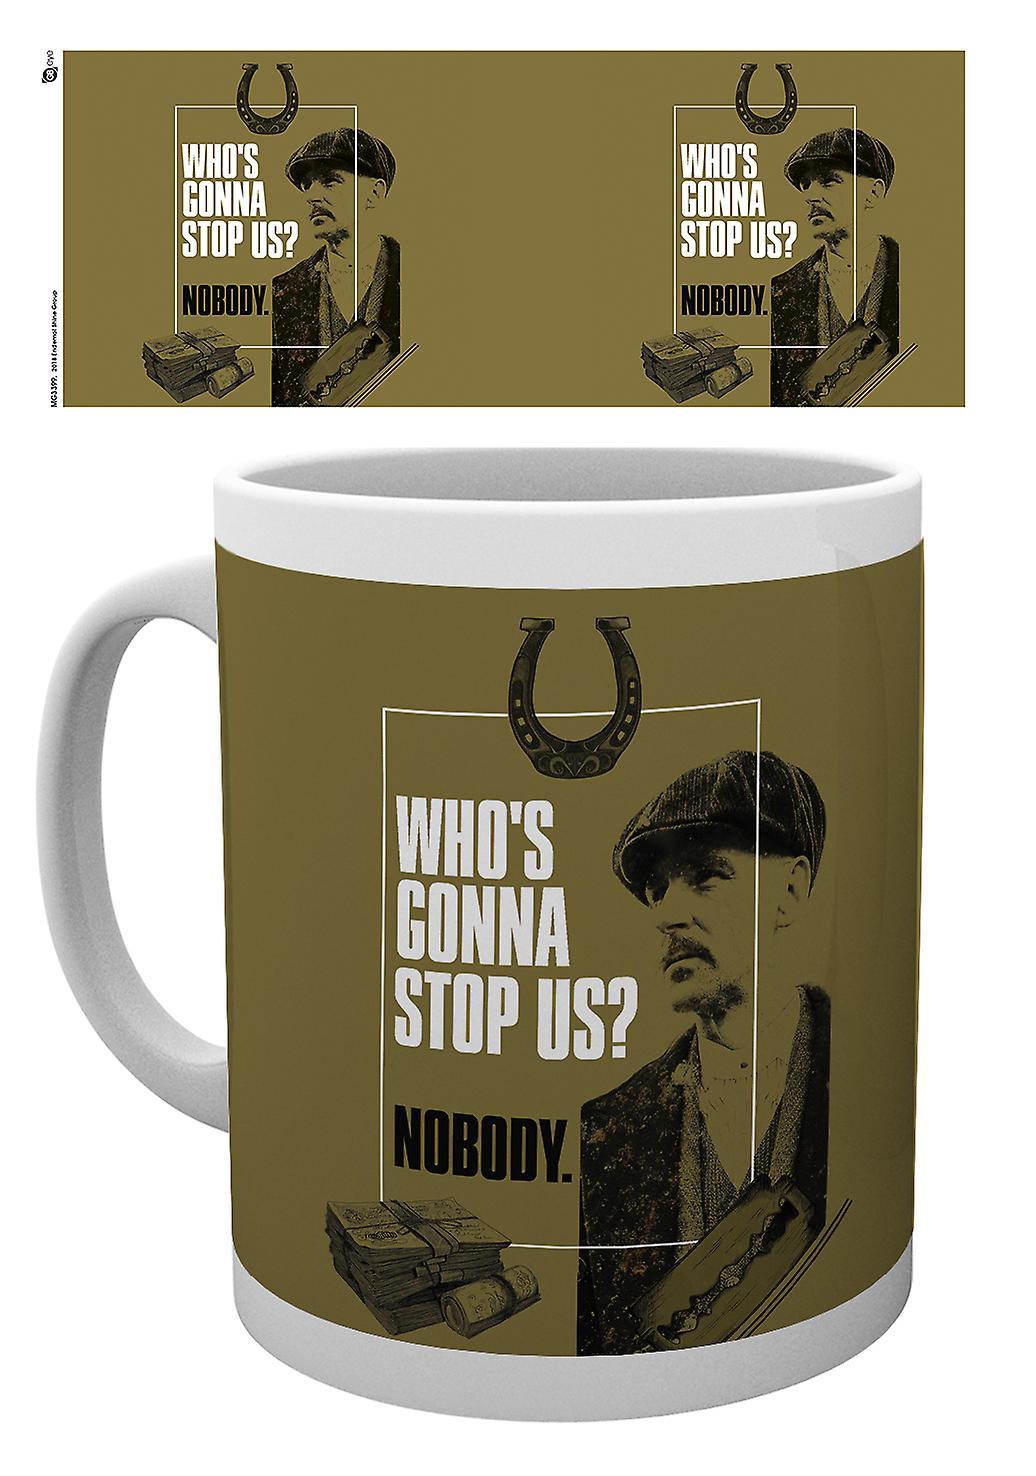 Abgemagerter Scheuklappen, Gonna Stop uns Mug